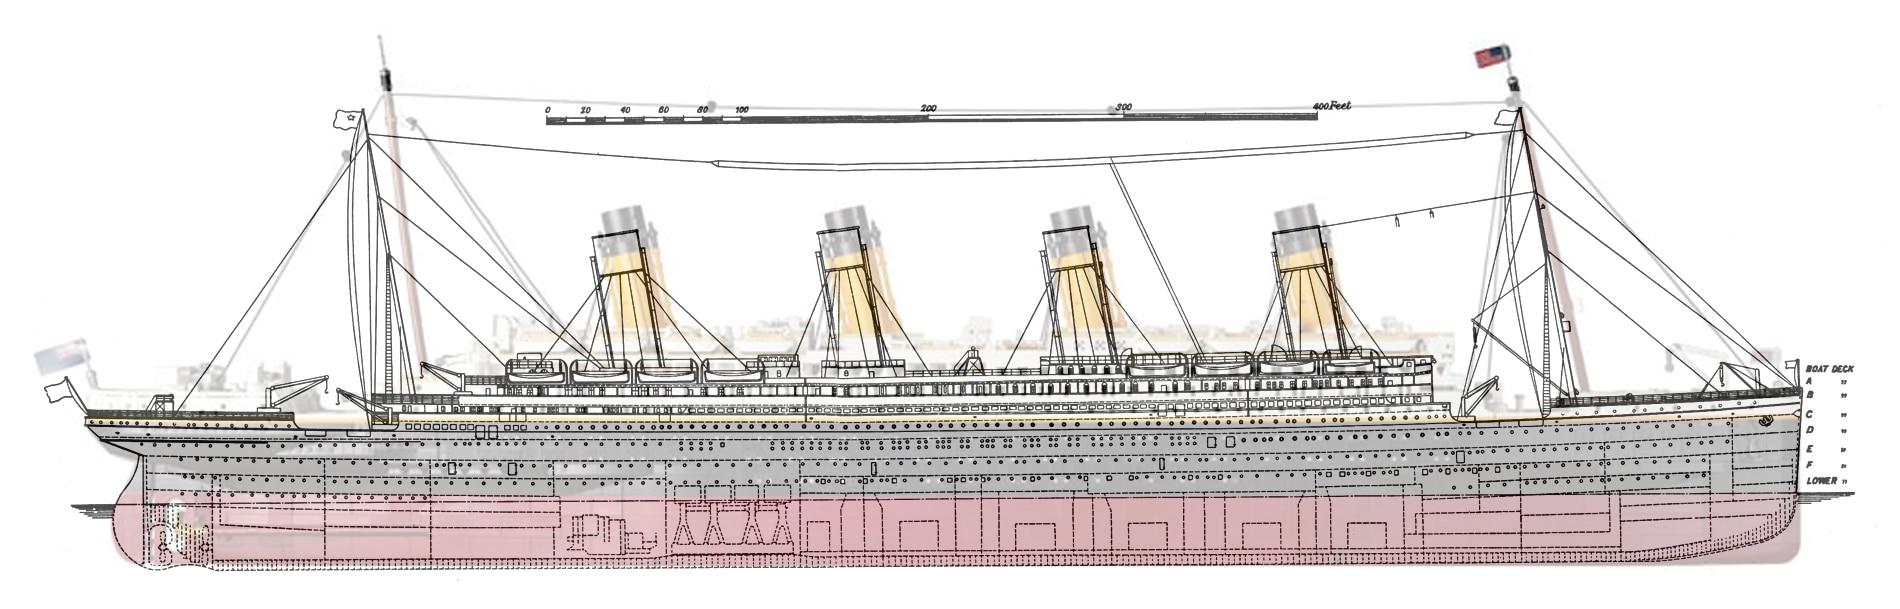 LEGO 10294 Titanic Vergleich Vorlage